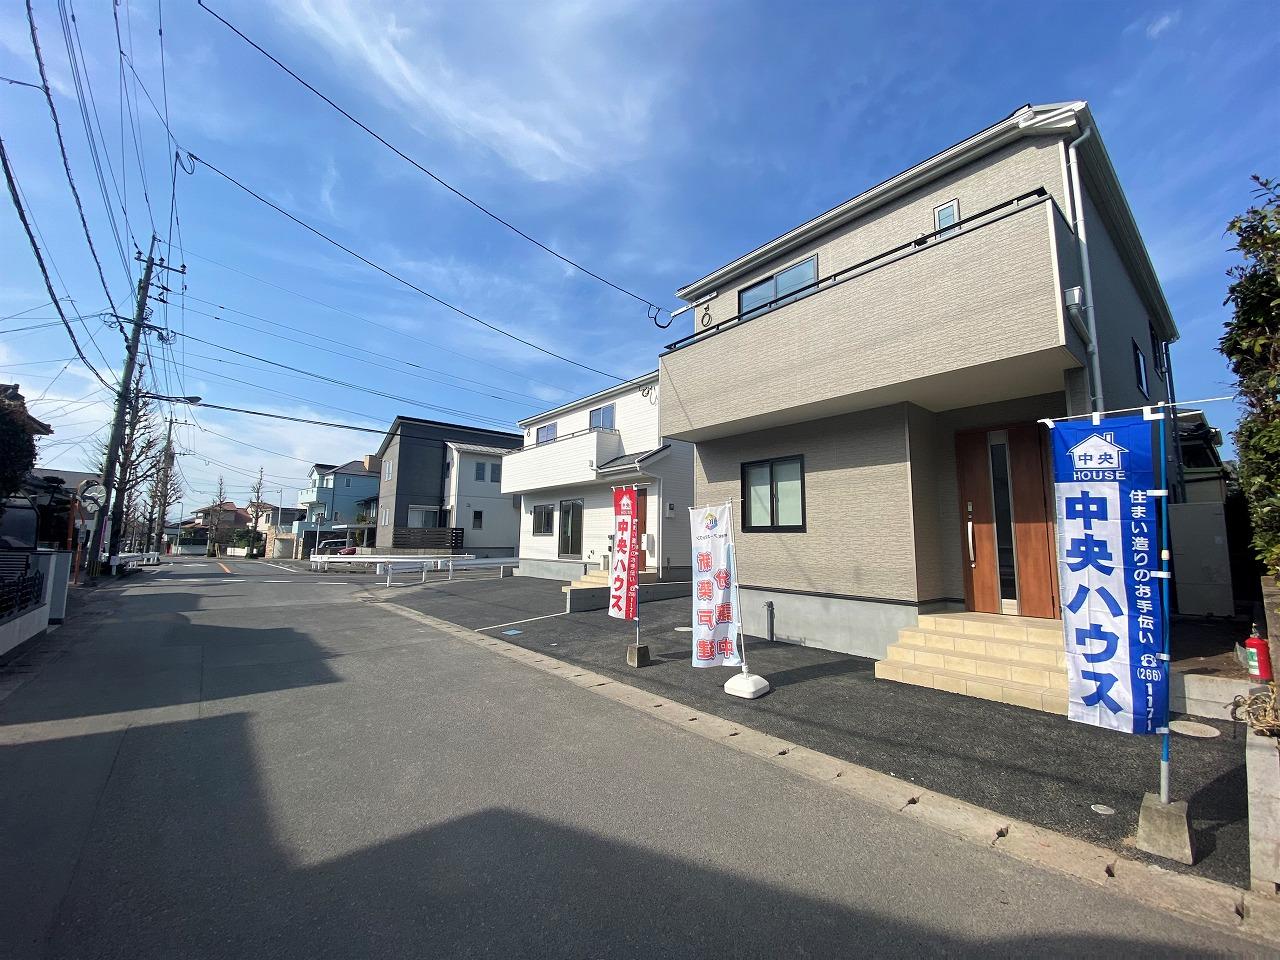 鹿児島市桜ケ丘でオープンハウス 時代にニーズに合ったテレワークルーム付きの4LDK